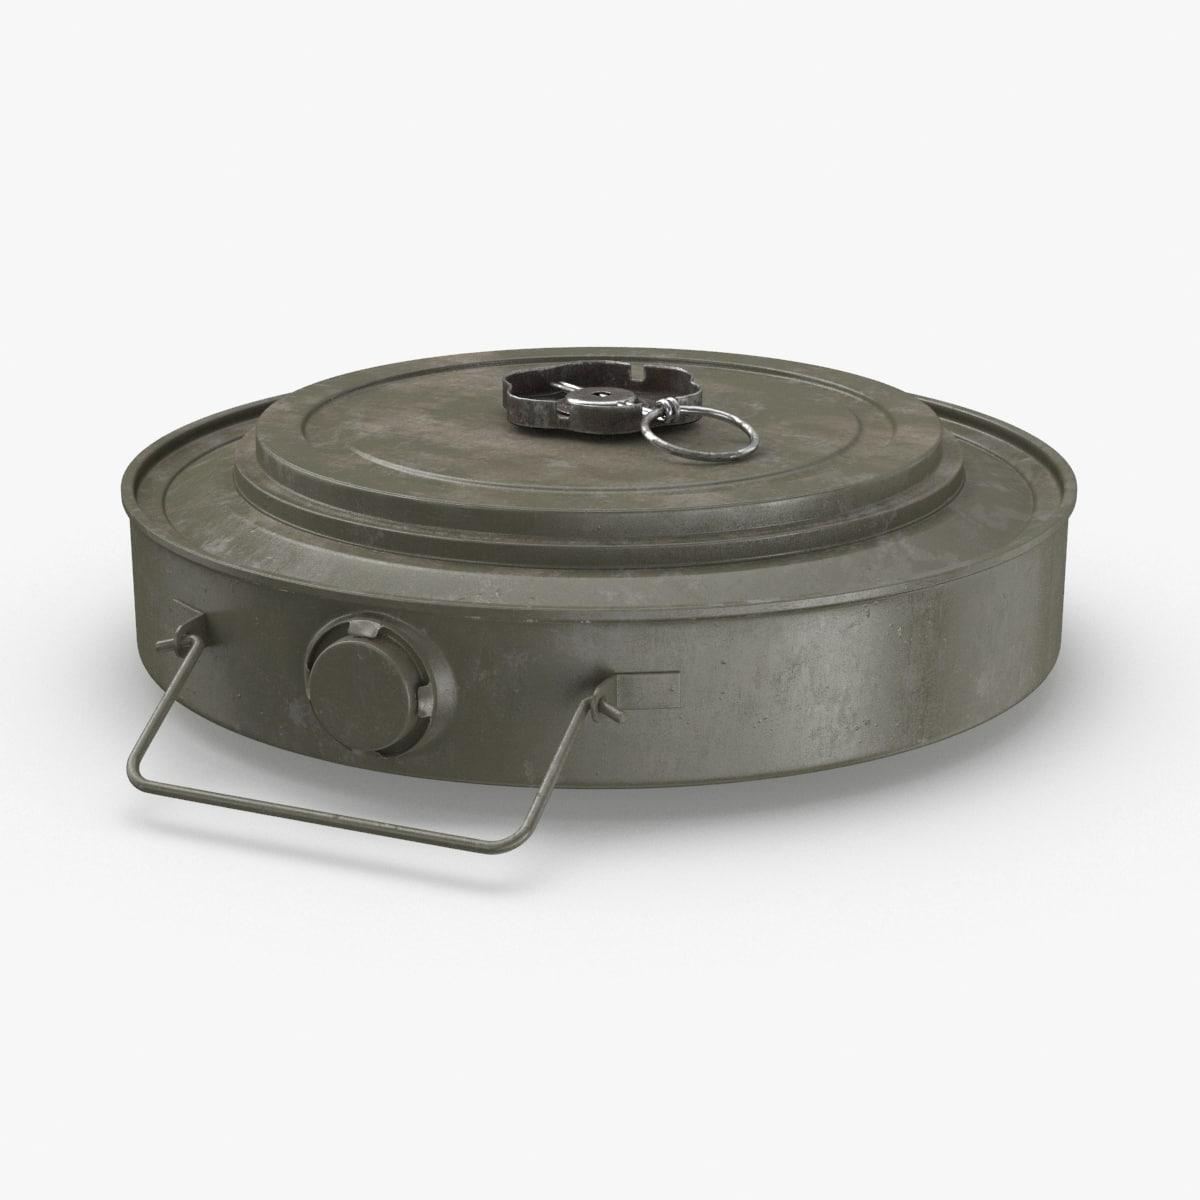 3D anti-tank-mine model